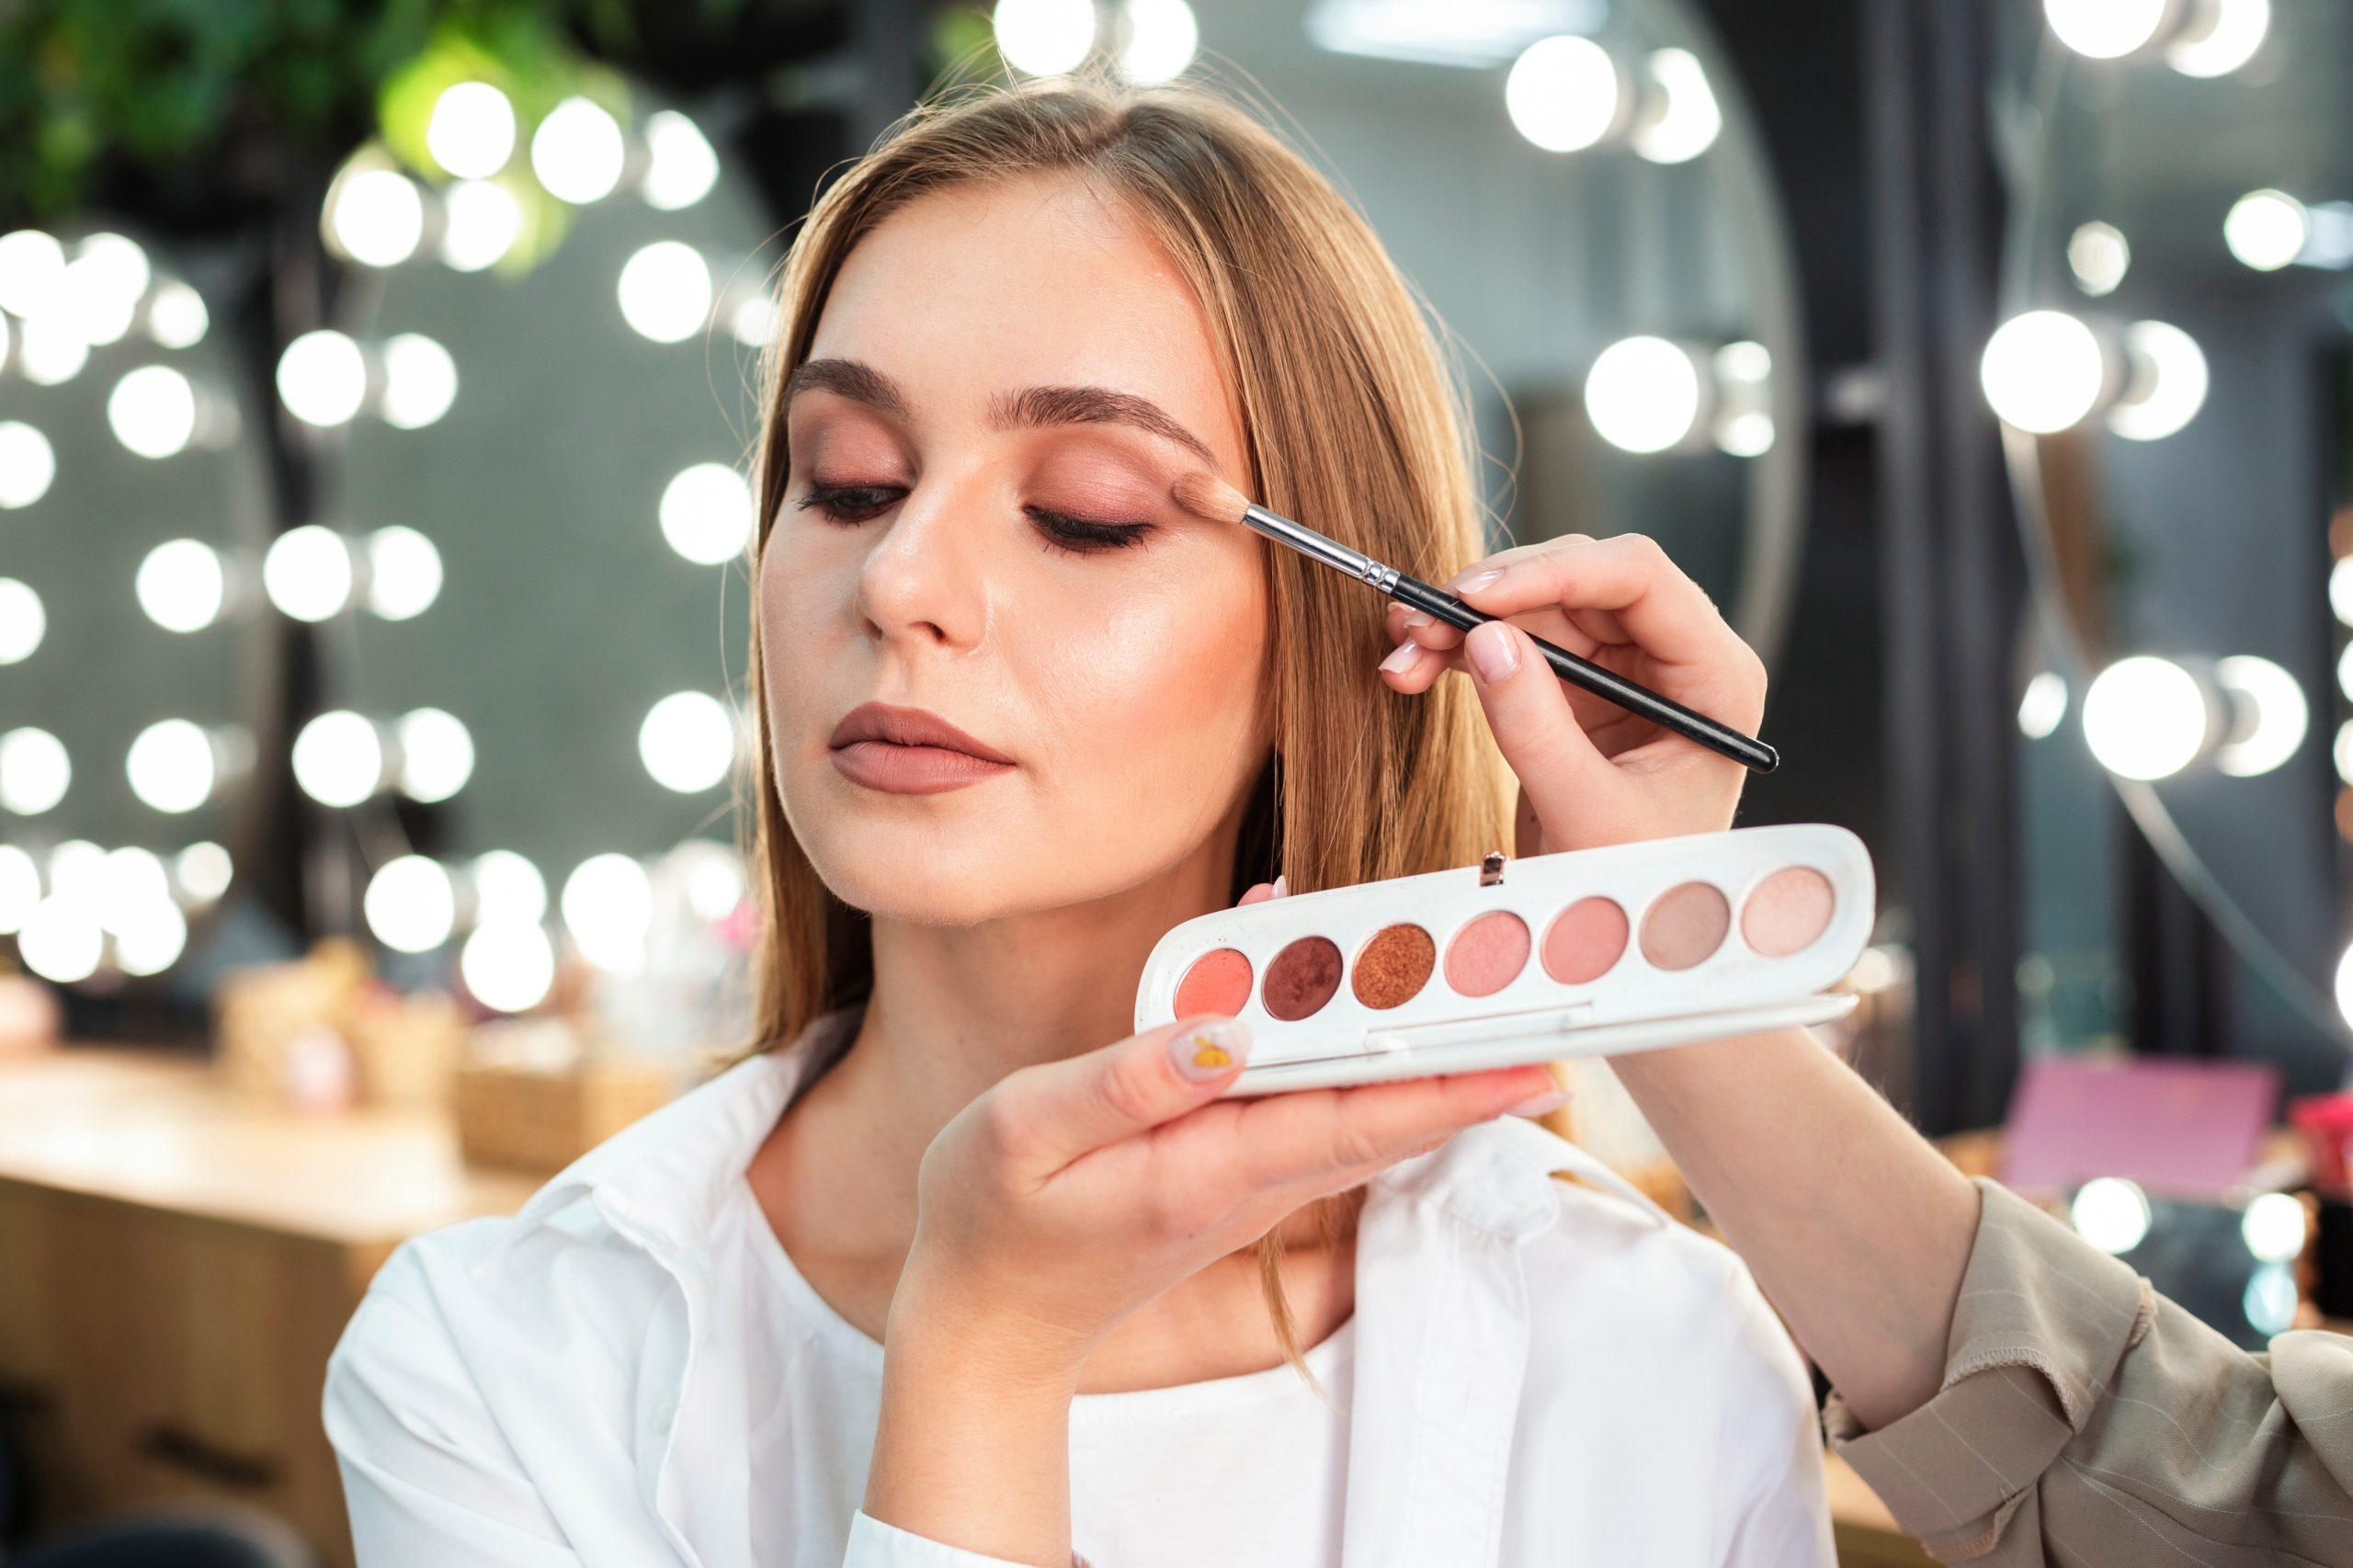 Trucos de maquillaje fácil y rápido para verte más joven